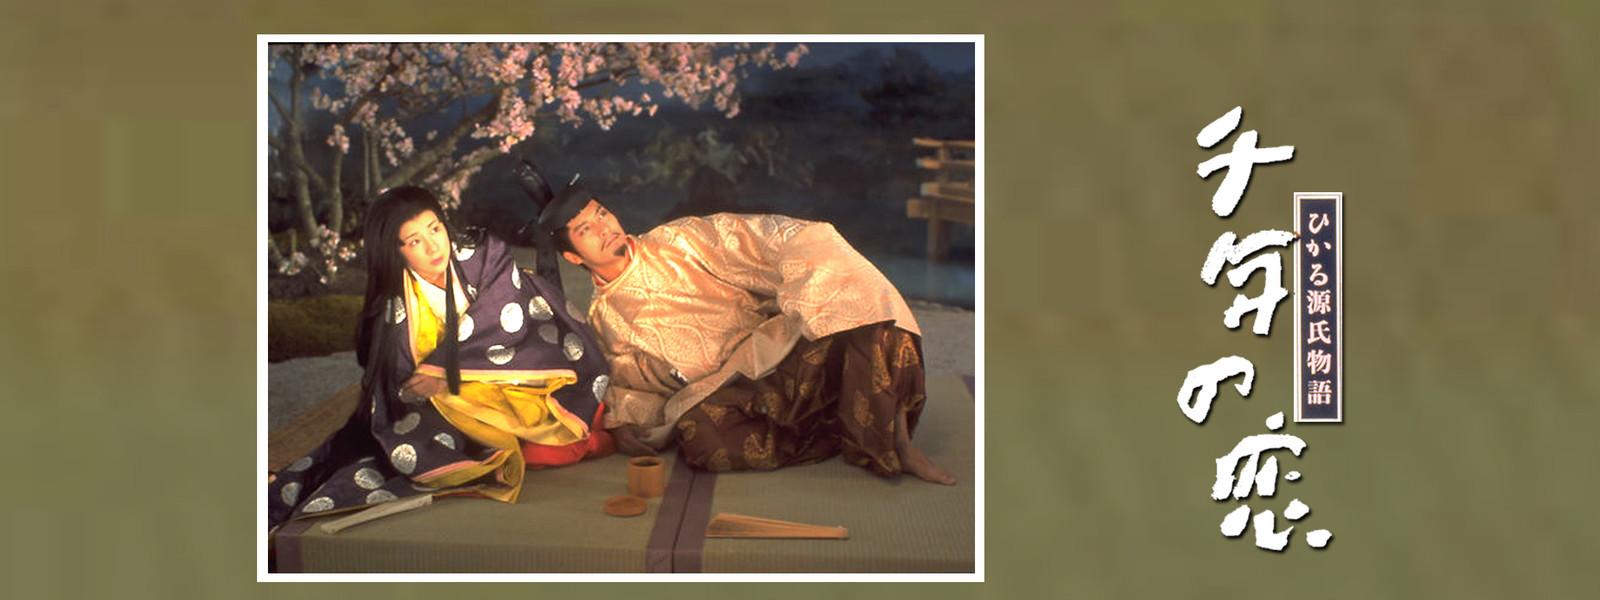 あはれ をモチーフにした 壮大な恋物語の源氏物語